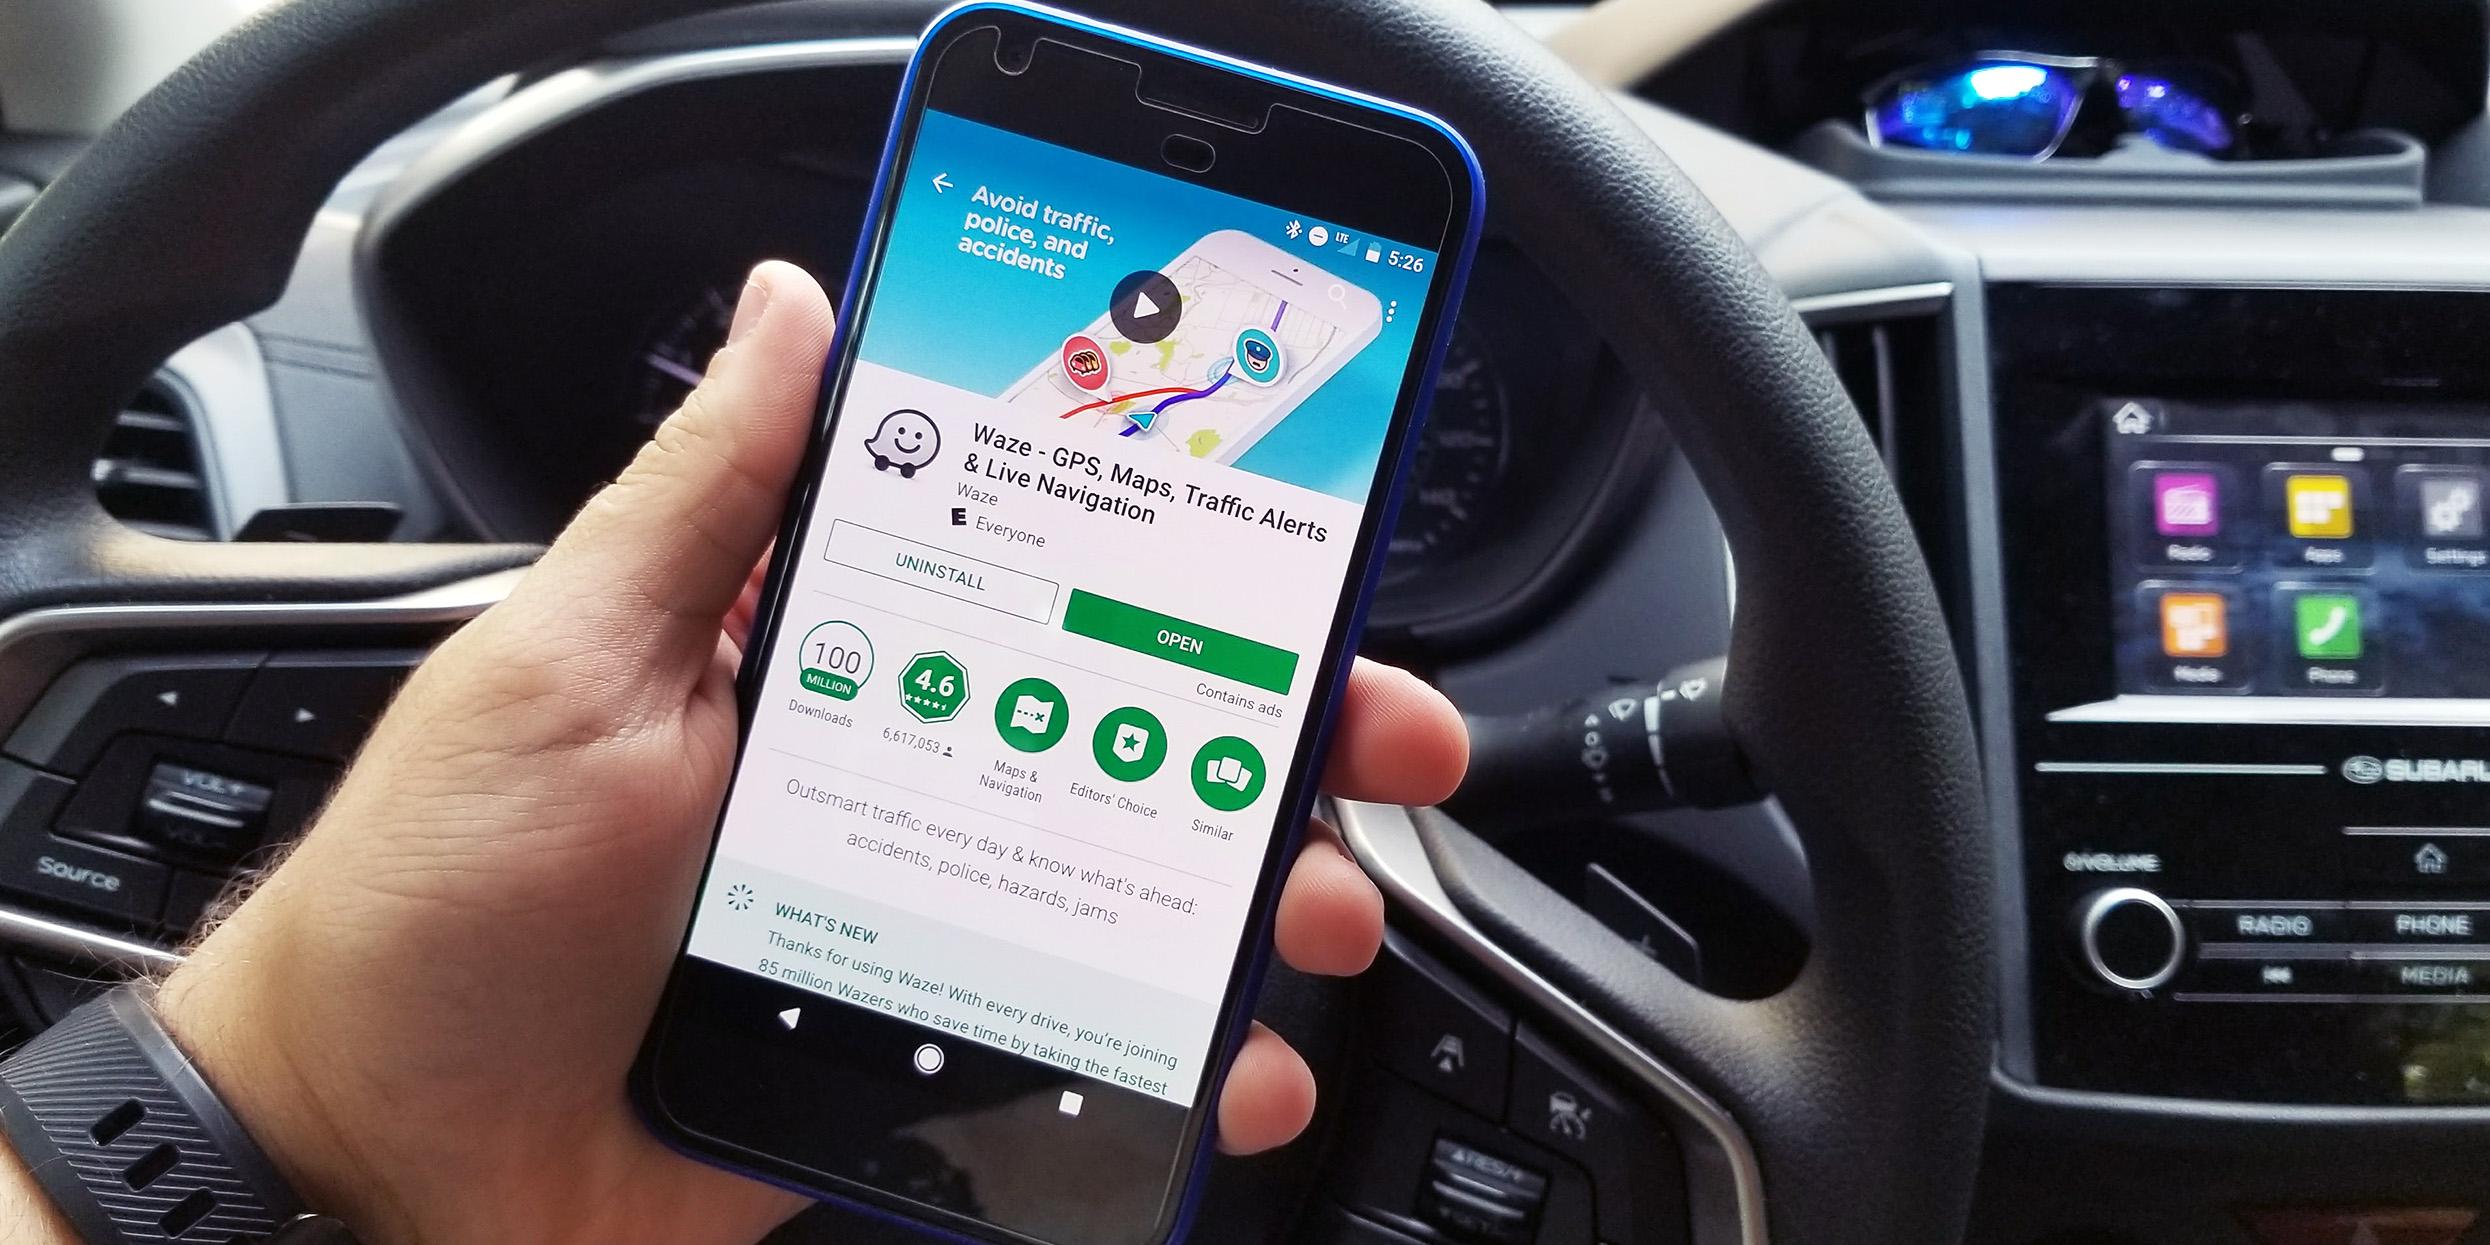 Waze adds DJ Khaled as latest celebrity navigation voice